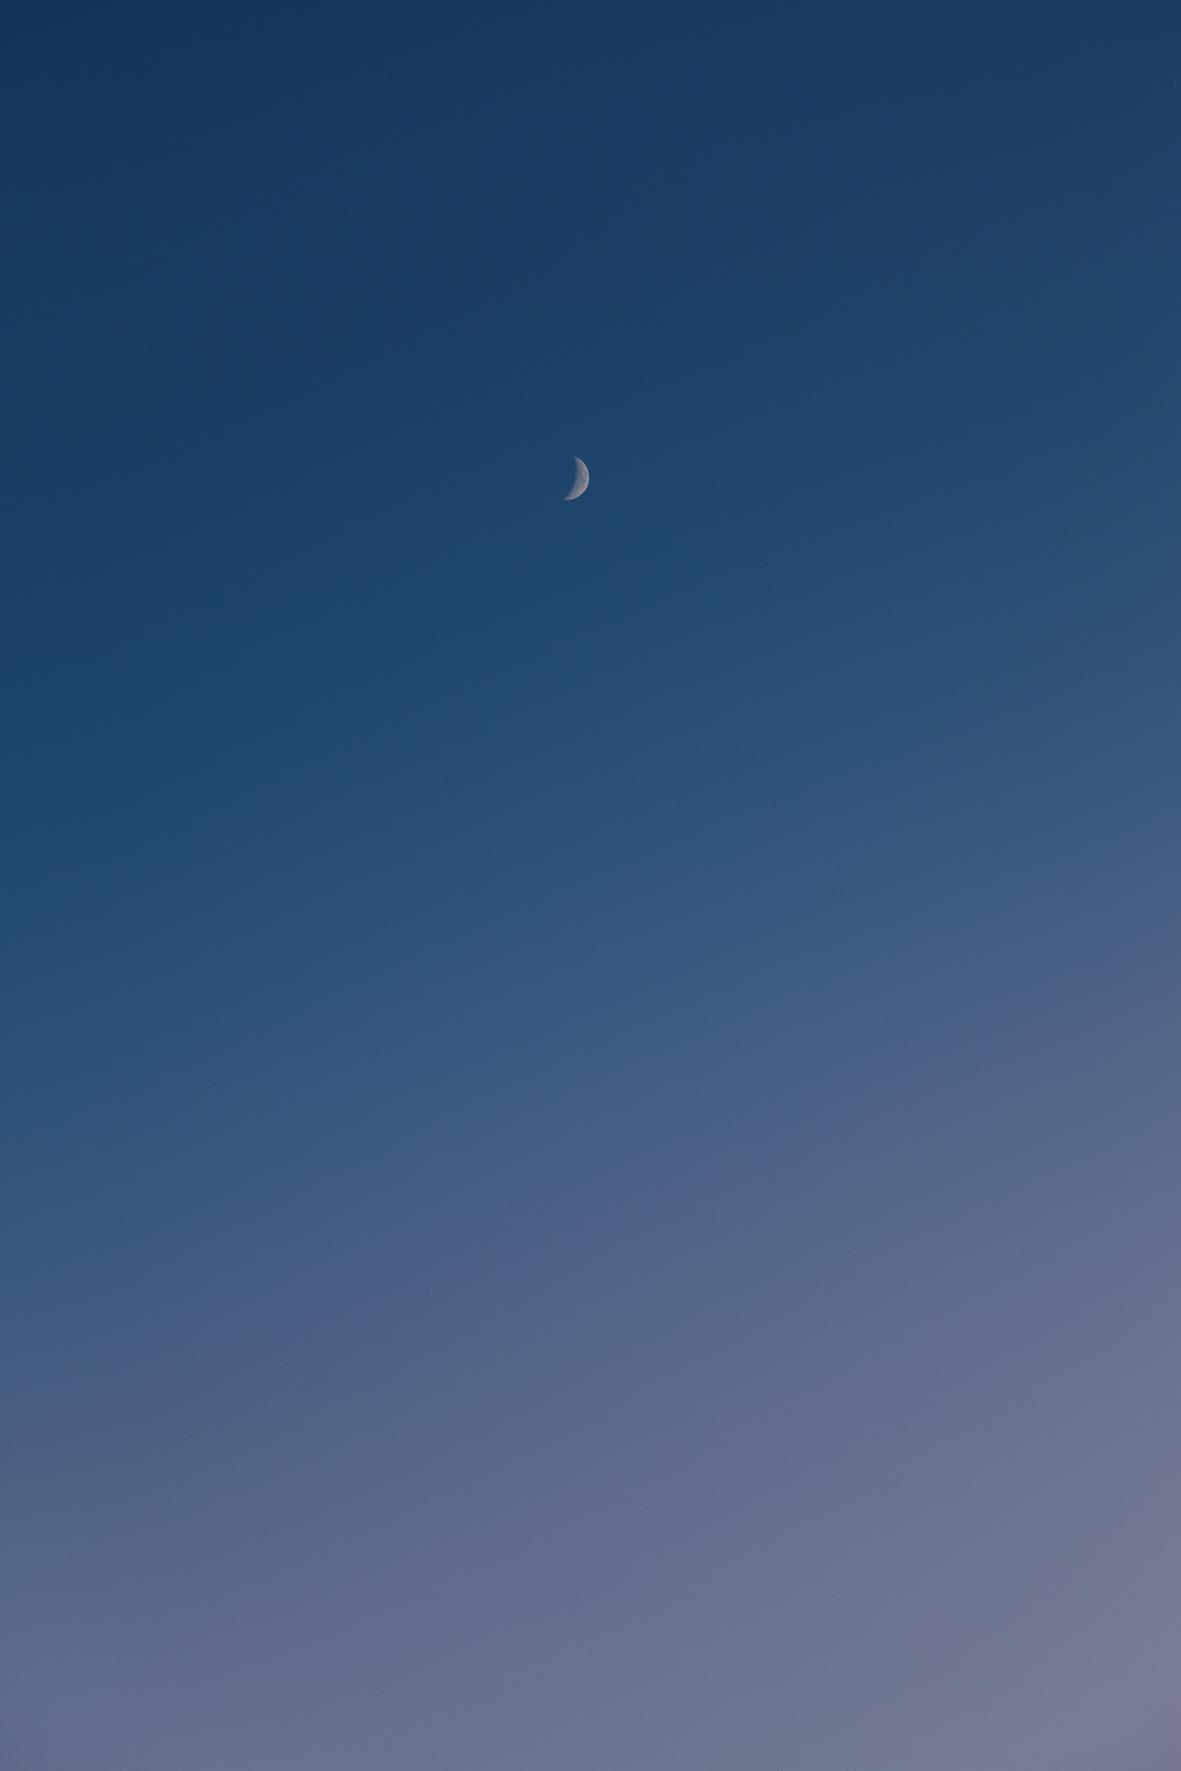 Moon #22 (2018)